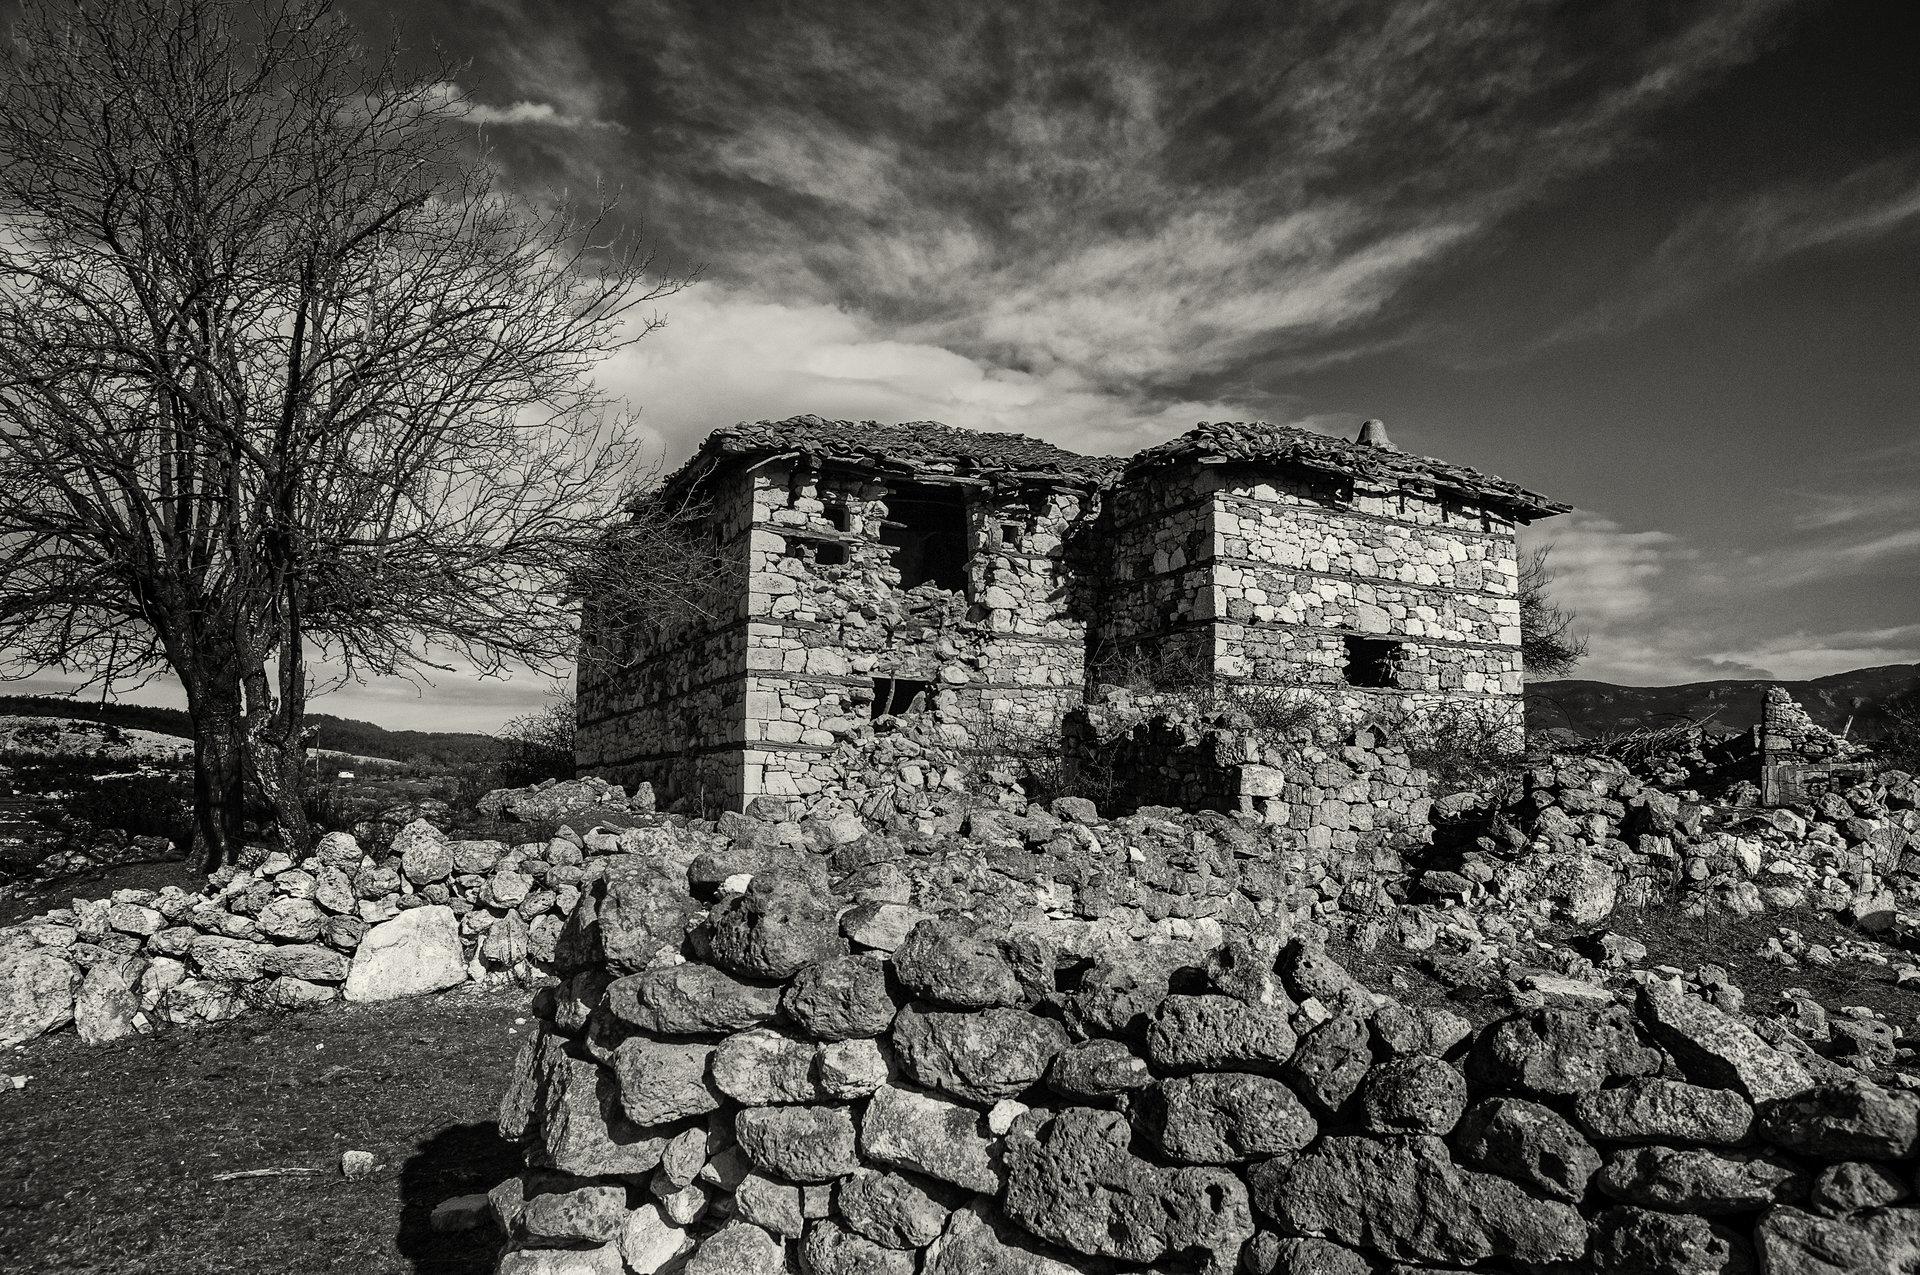 Къщи на ръба на света | Author Mariana Kirkova - haberlea_rhodopensis | PHOTO FORUM